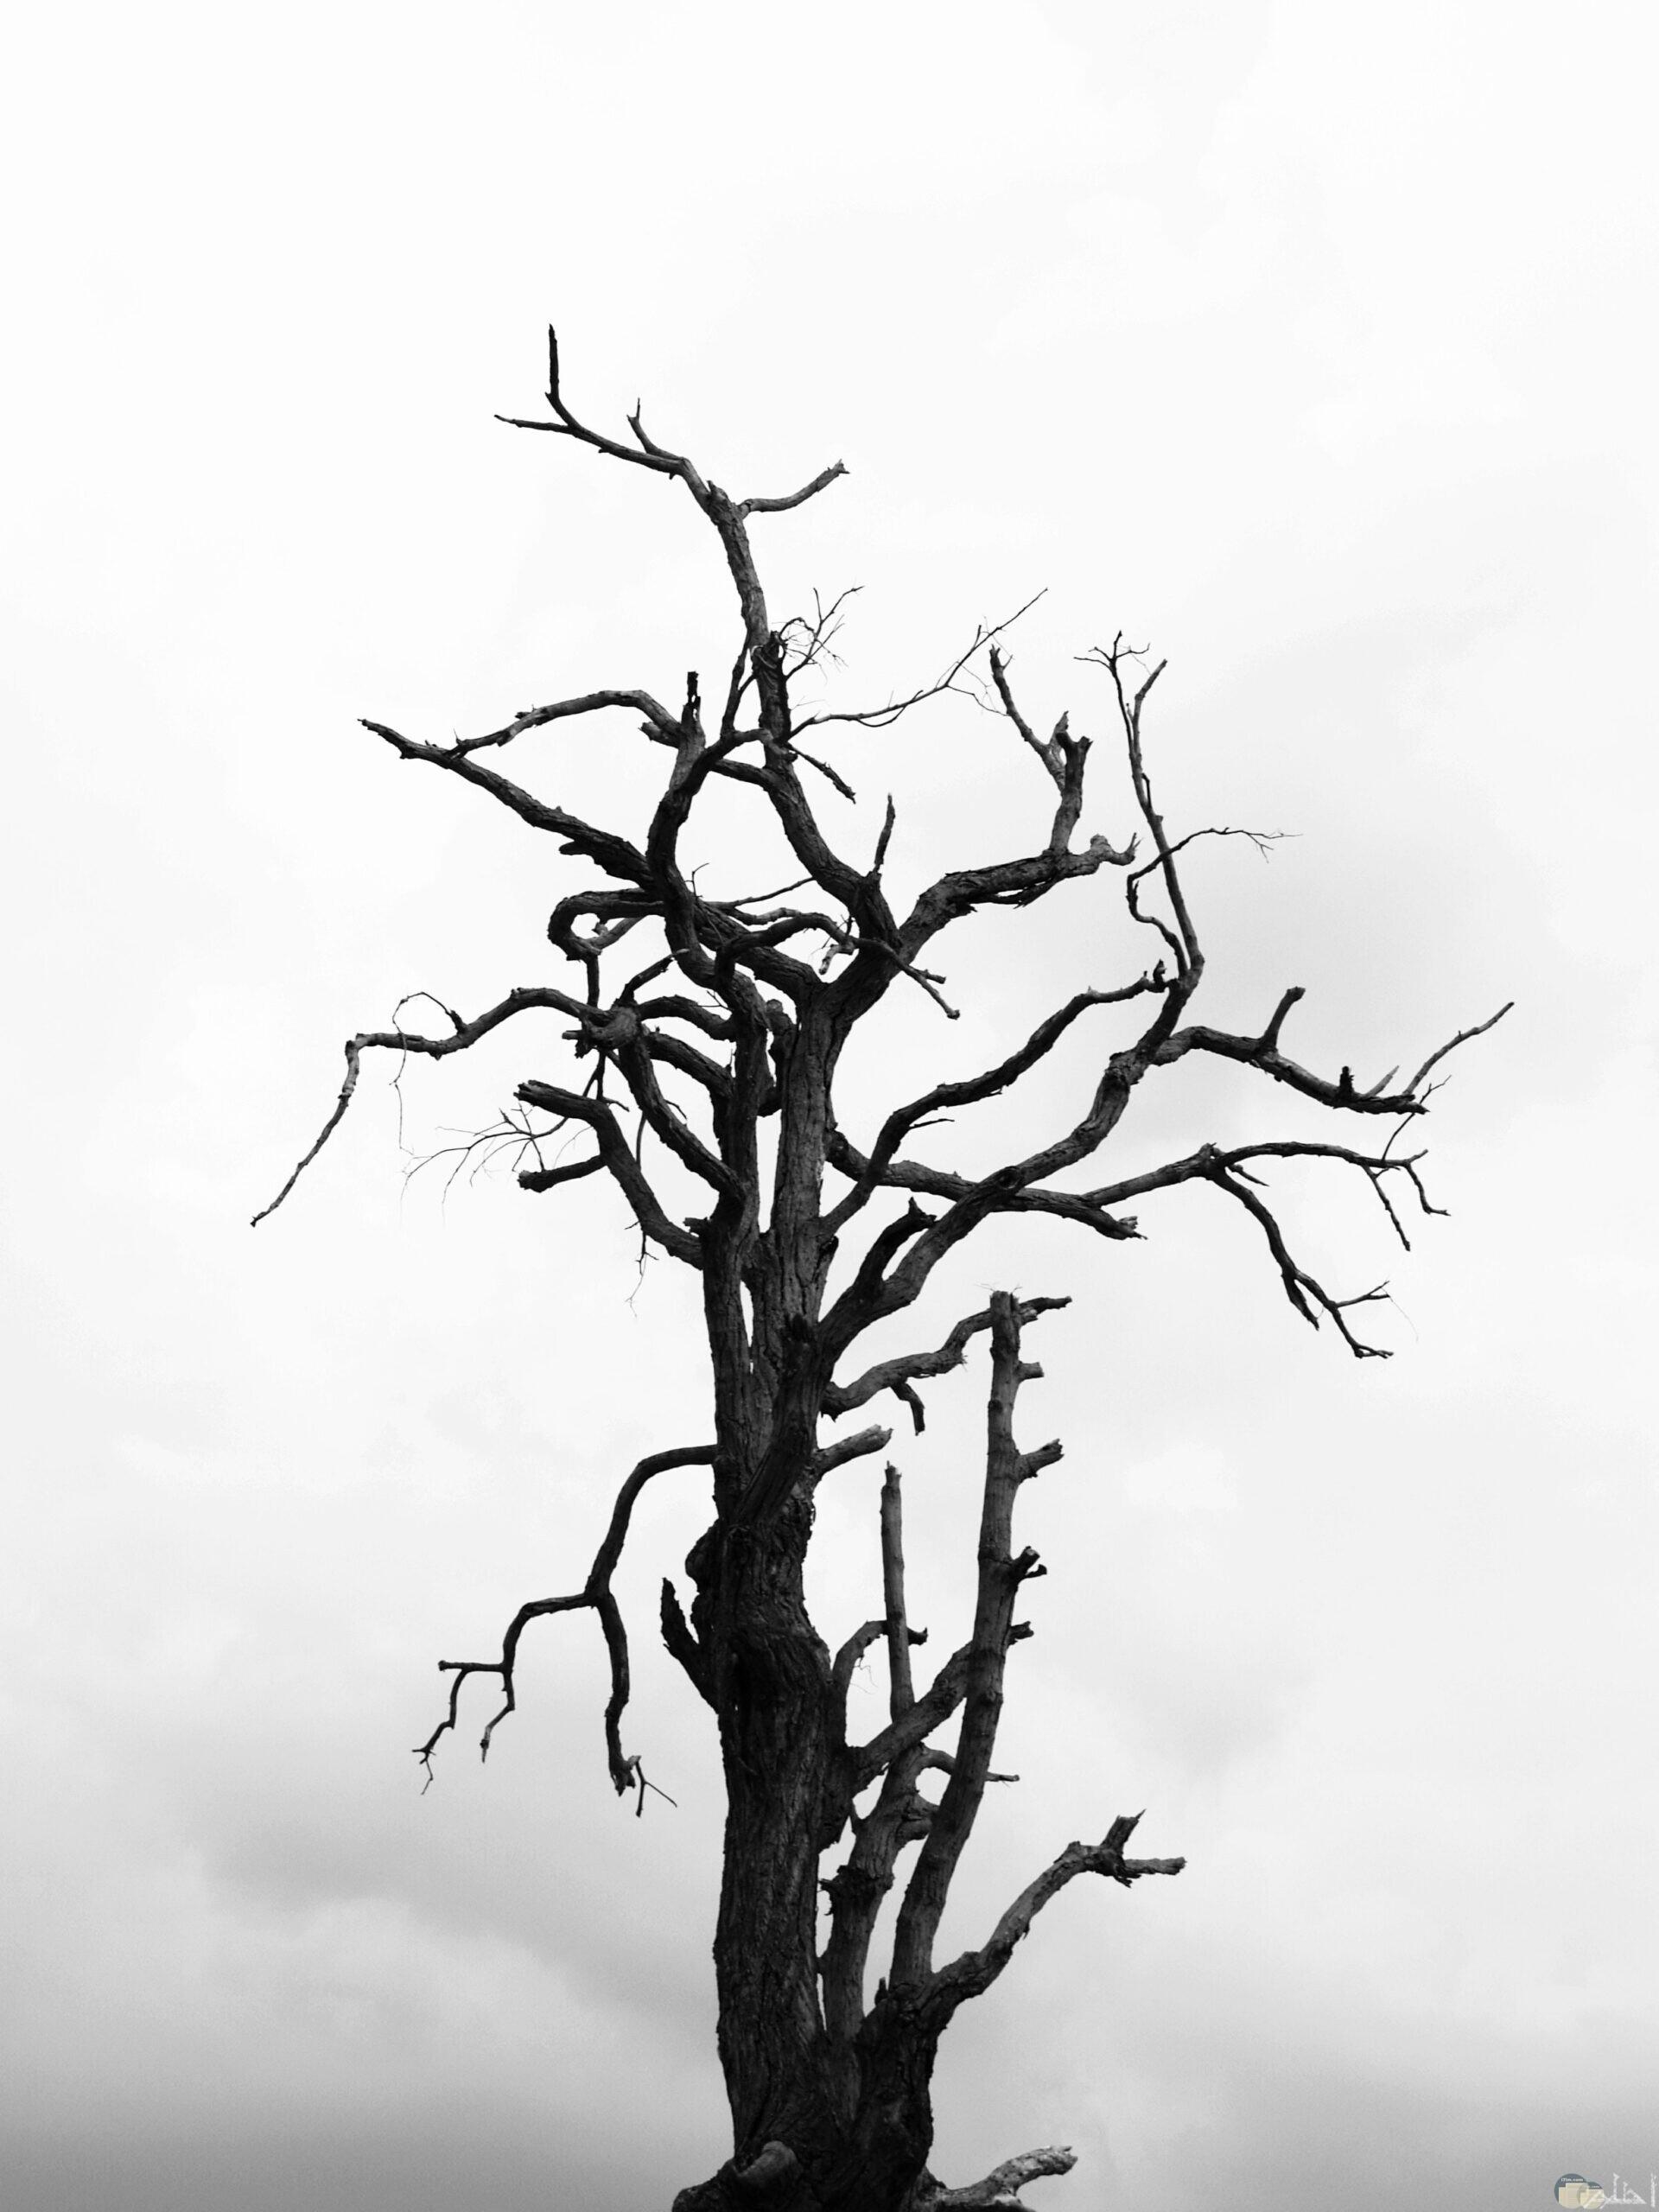 شجرة يابسة بدون أوراق.